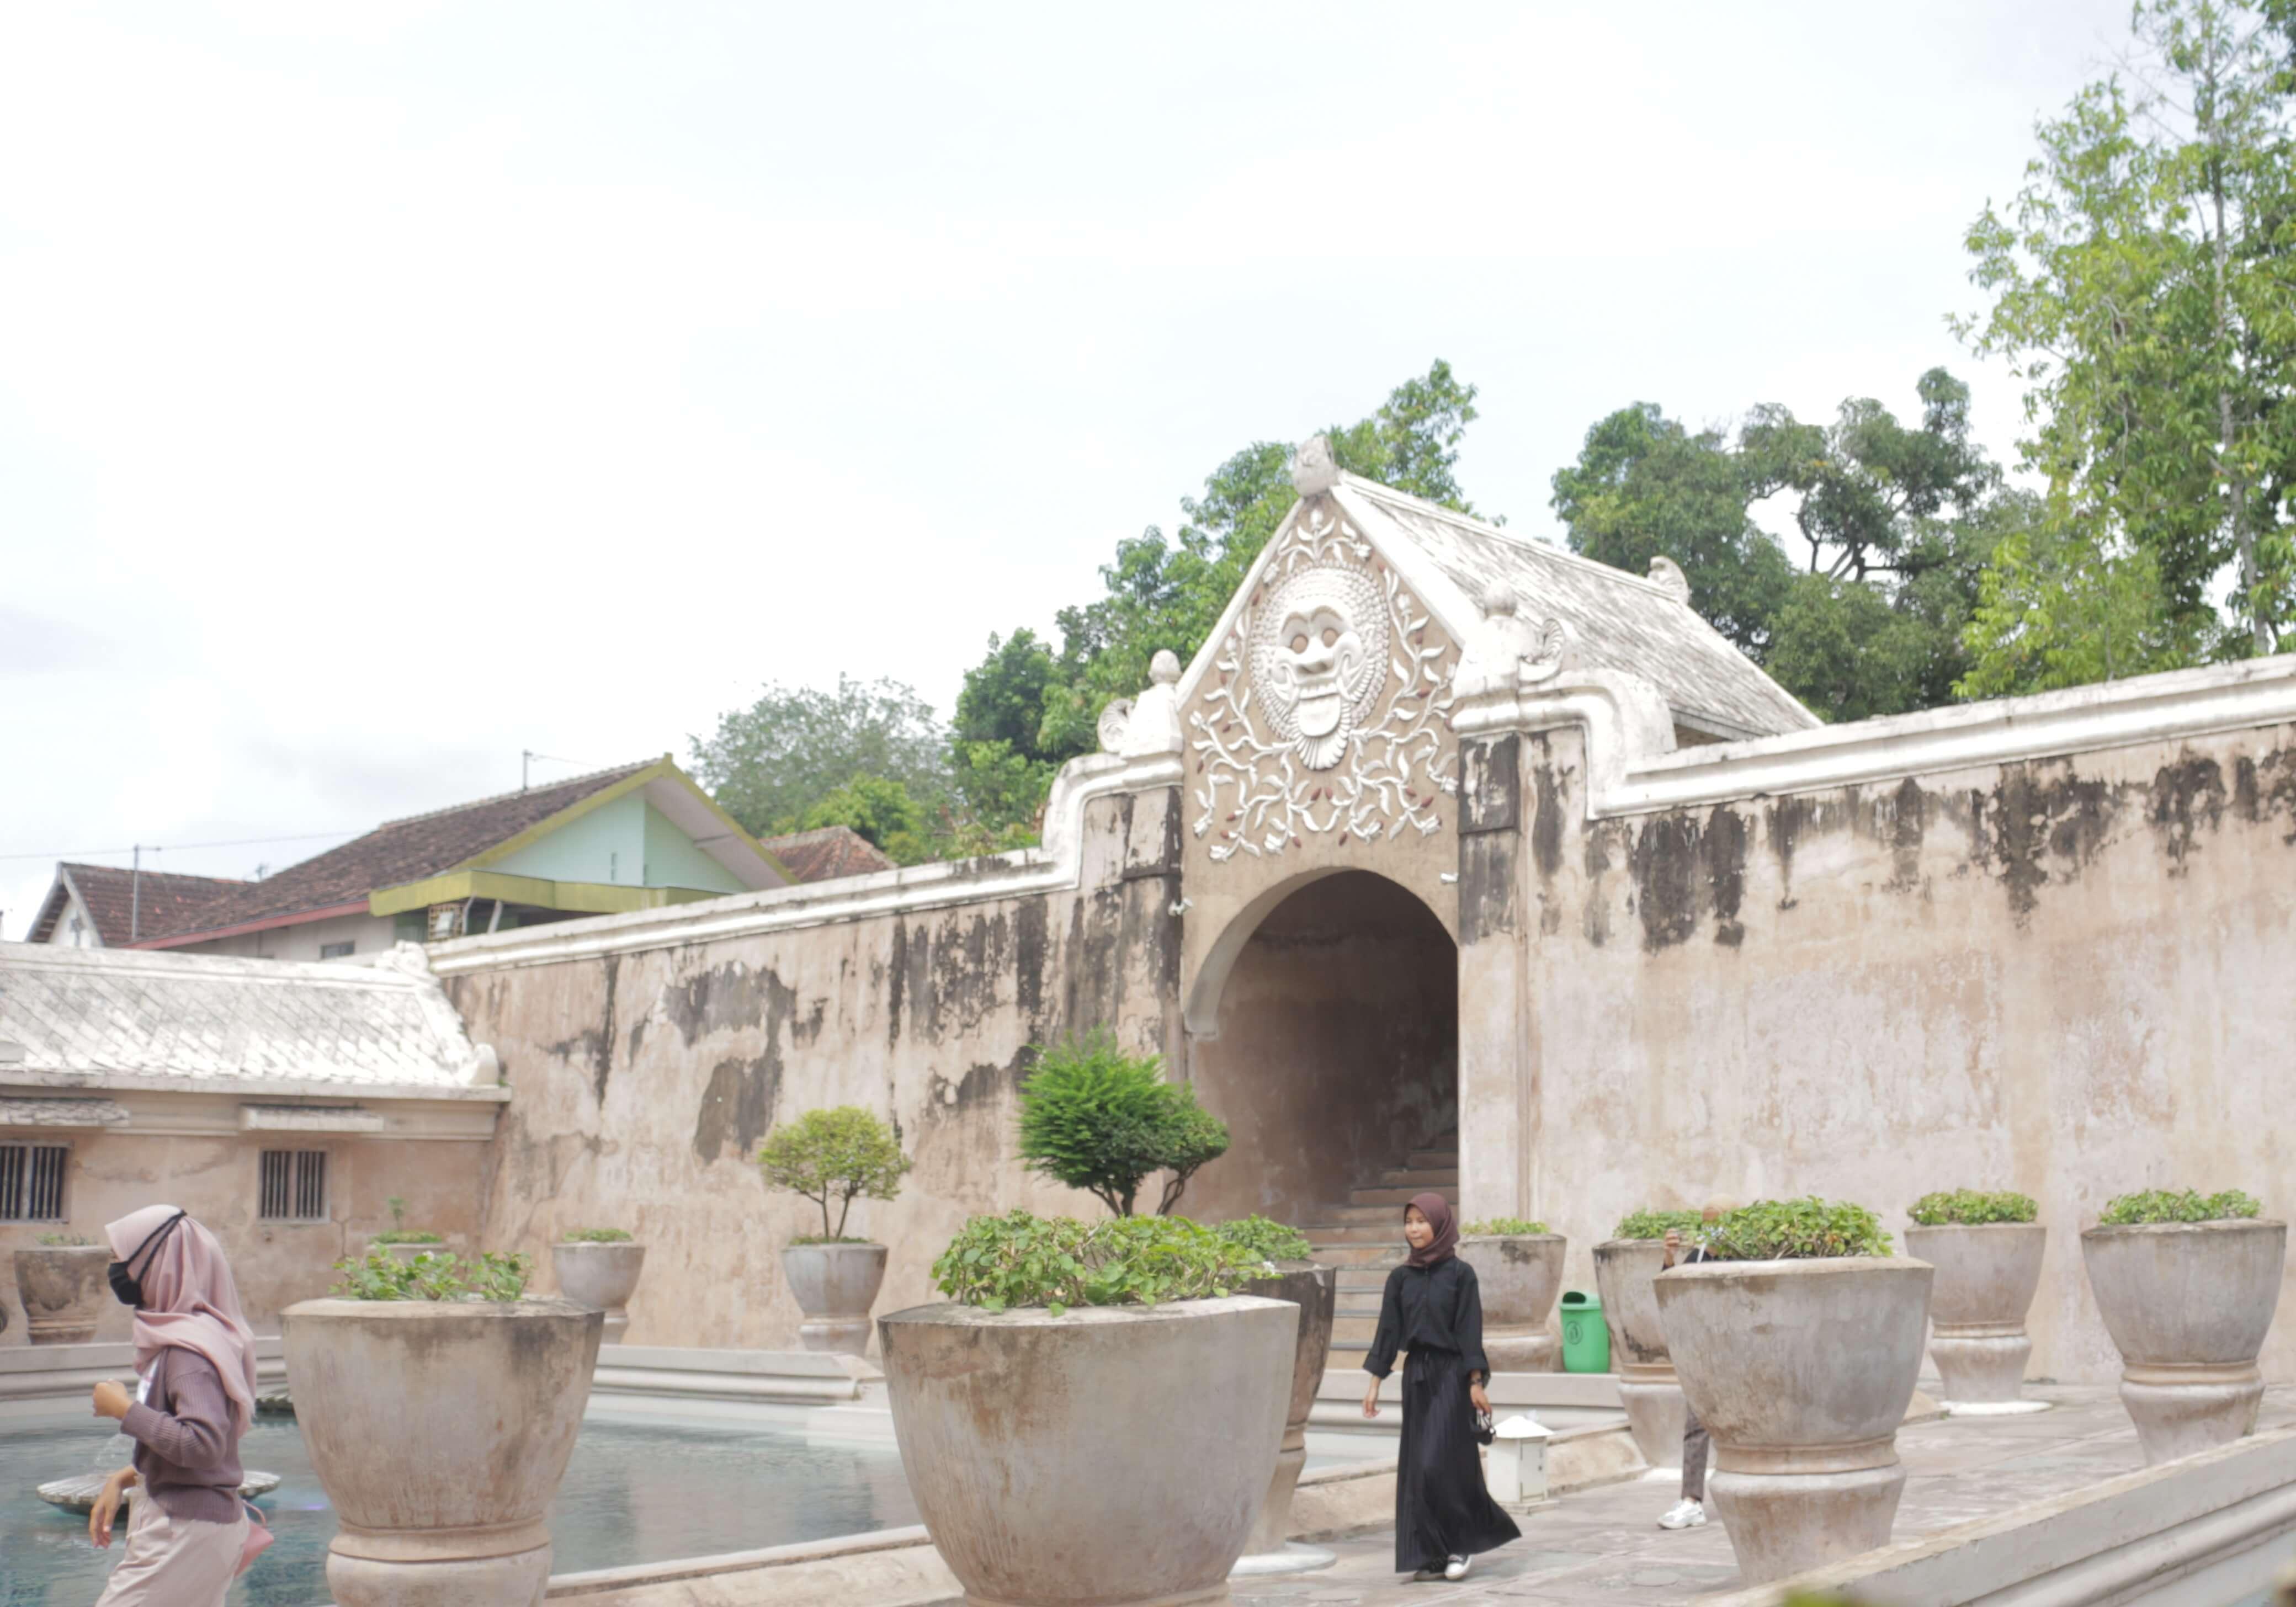 Mampir ke Taman Sari Semasa Corona